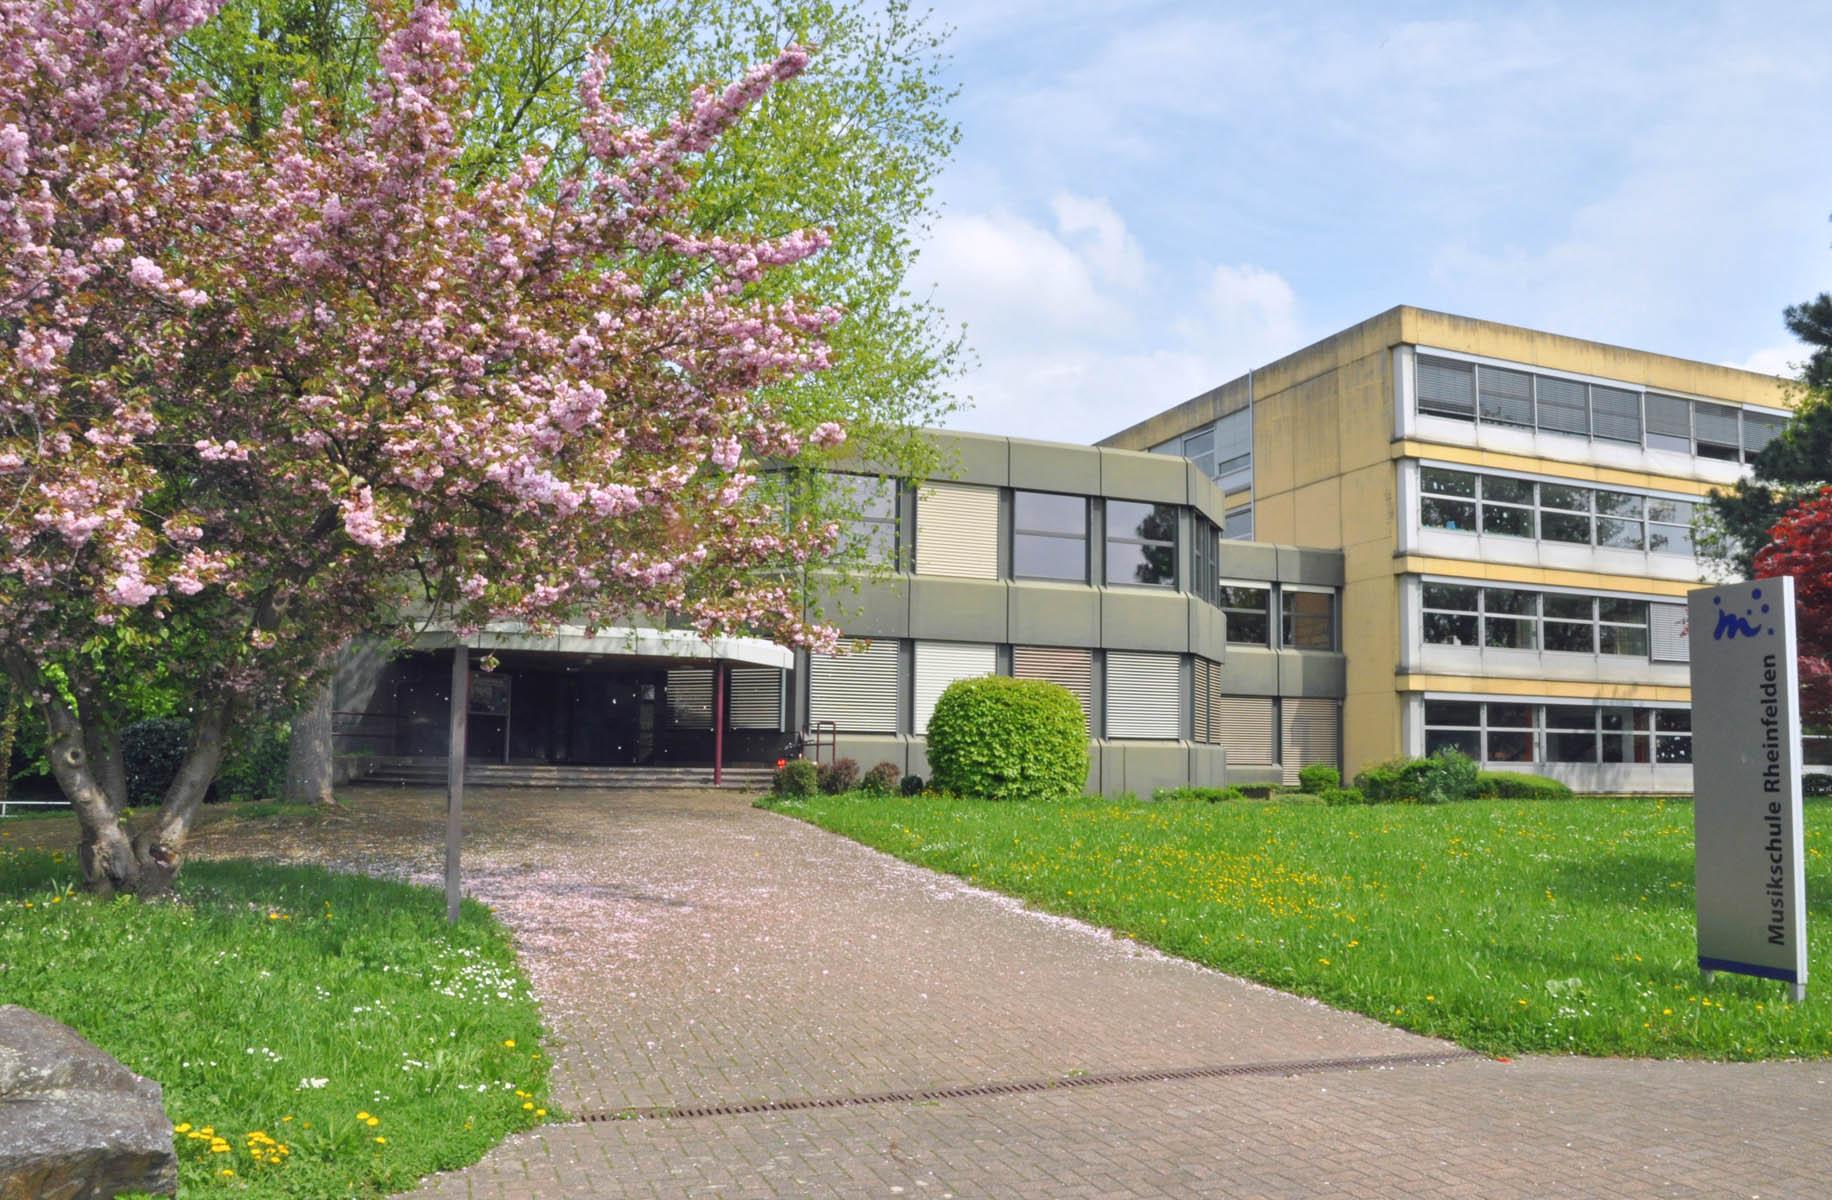 Das Musikschulgebäude.